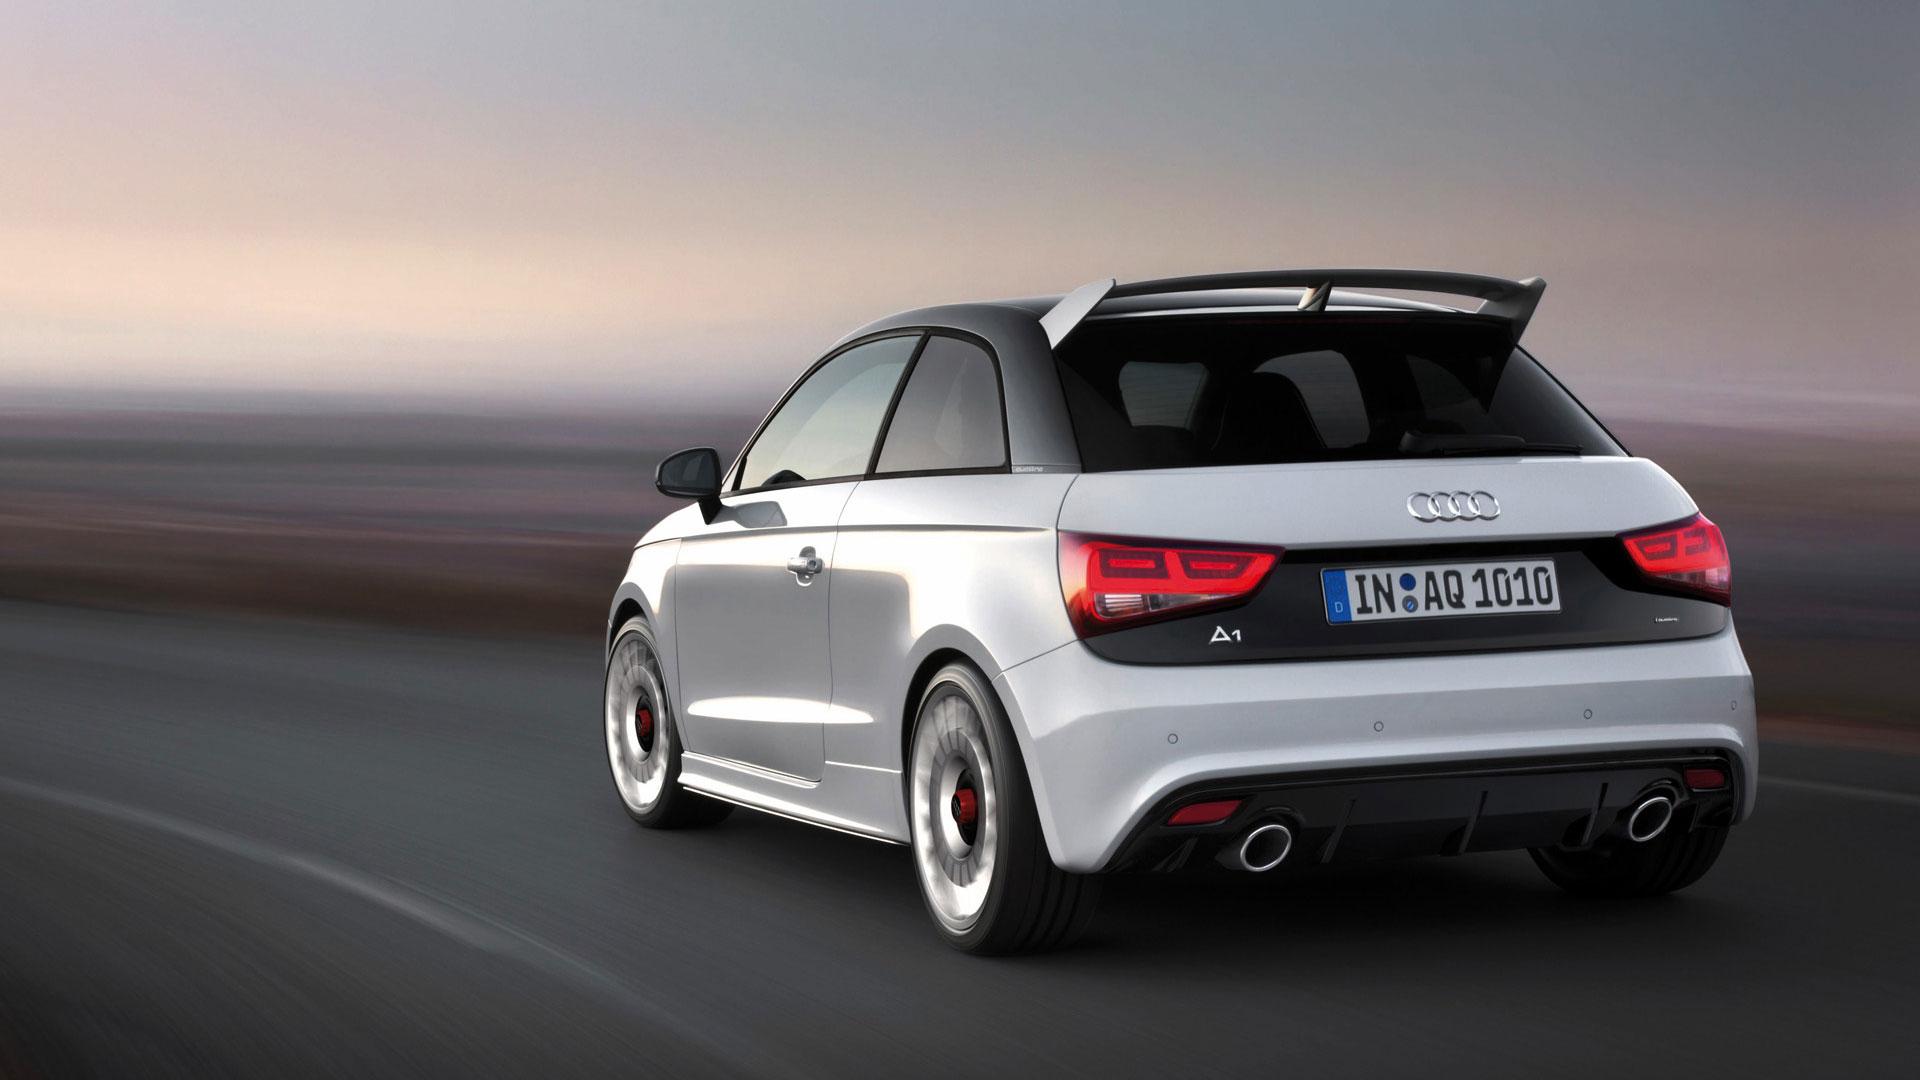 audi a1 neu 1 - Audi A1 neu bilder